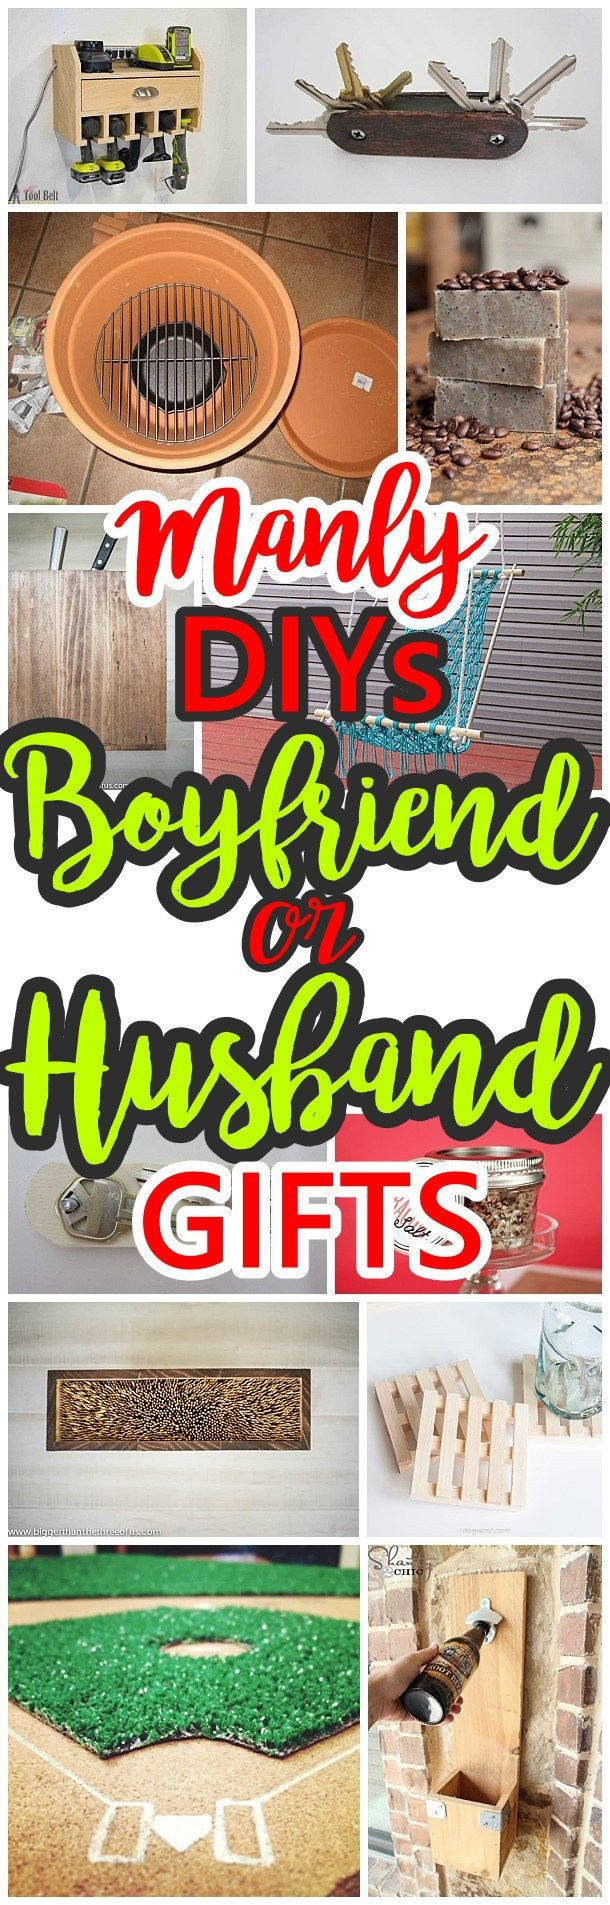 Сделай сам Manly Идеи подарков для сожителей, Мужья Sons, братья, дядья, кузены или любой парень в вашем списке подарка!  - DIY Рождество, день рождения, День отца, градация подарков или в любое время - мечтая DIY